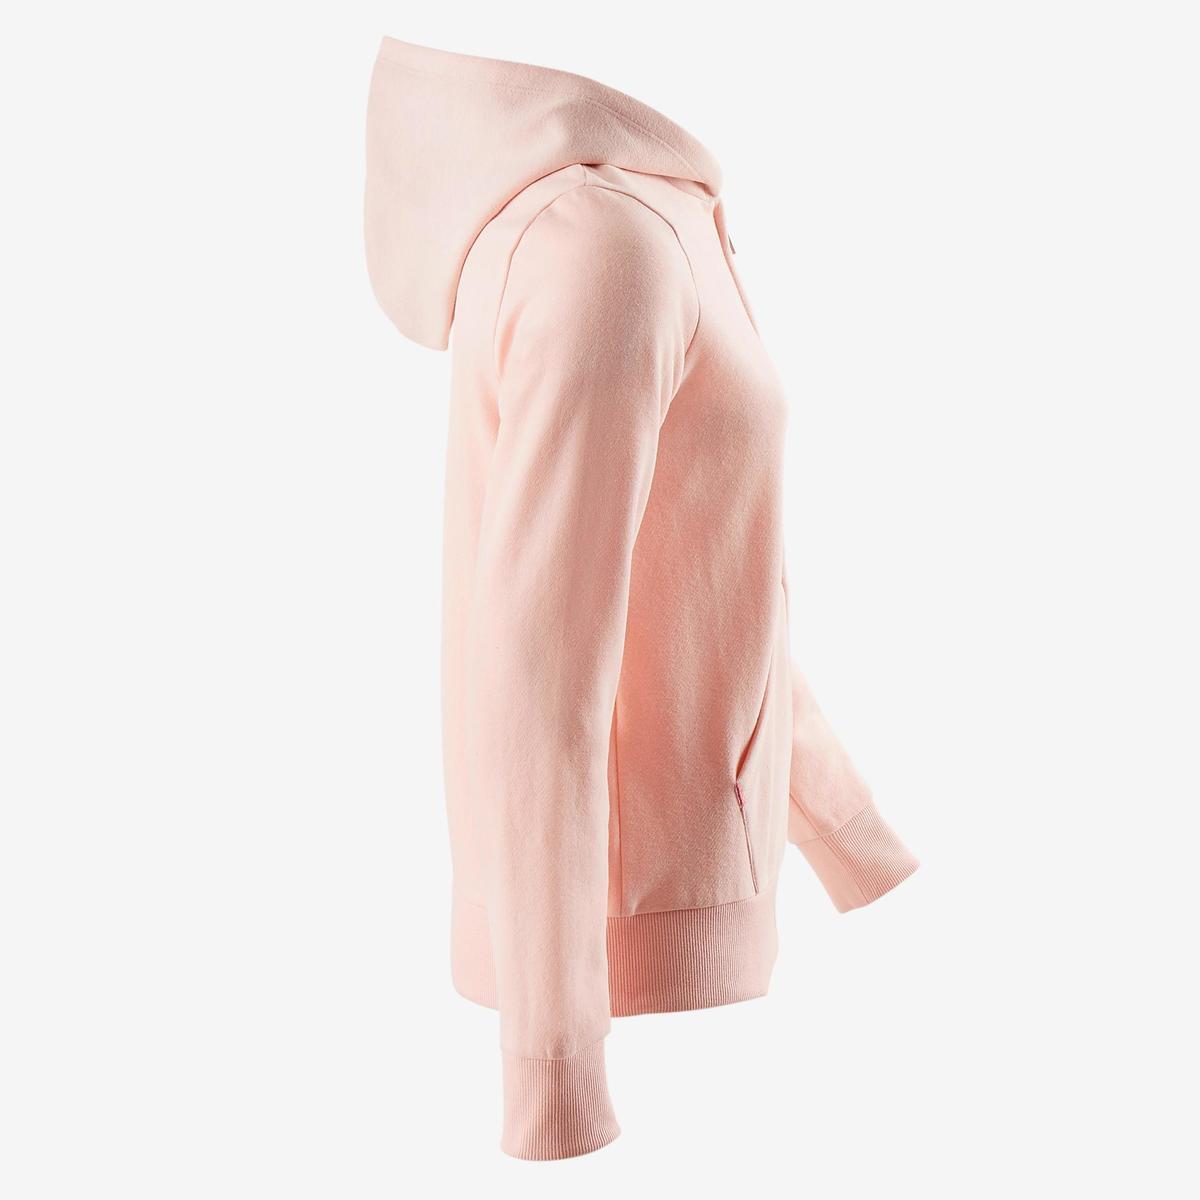 Bild 2 von Sweatshirtjacke 500 Gym Kinder rosa